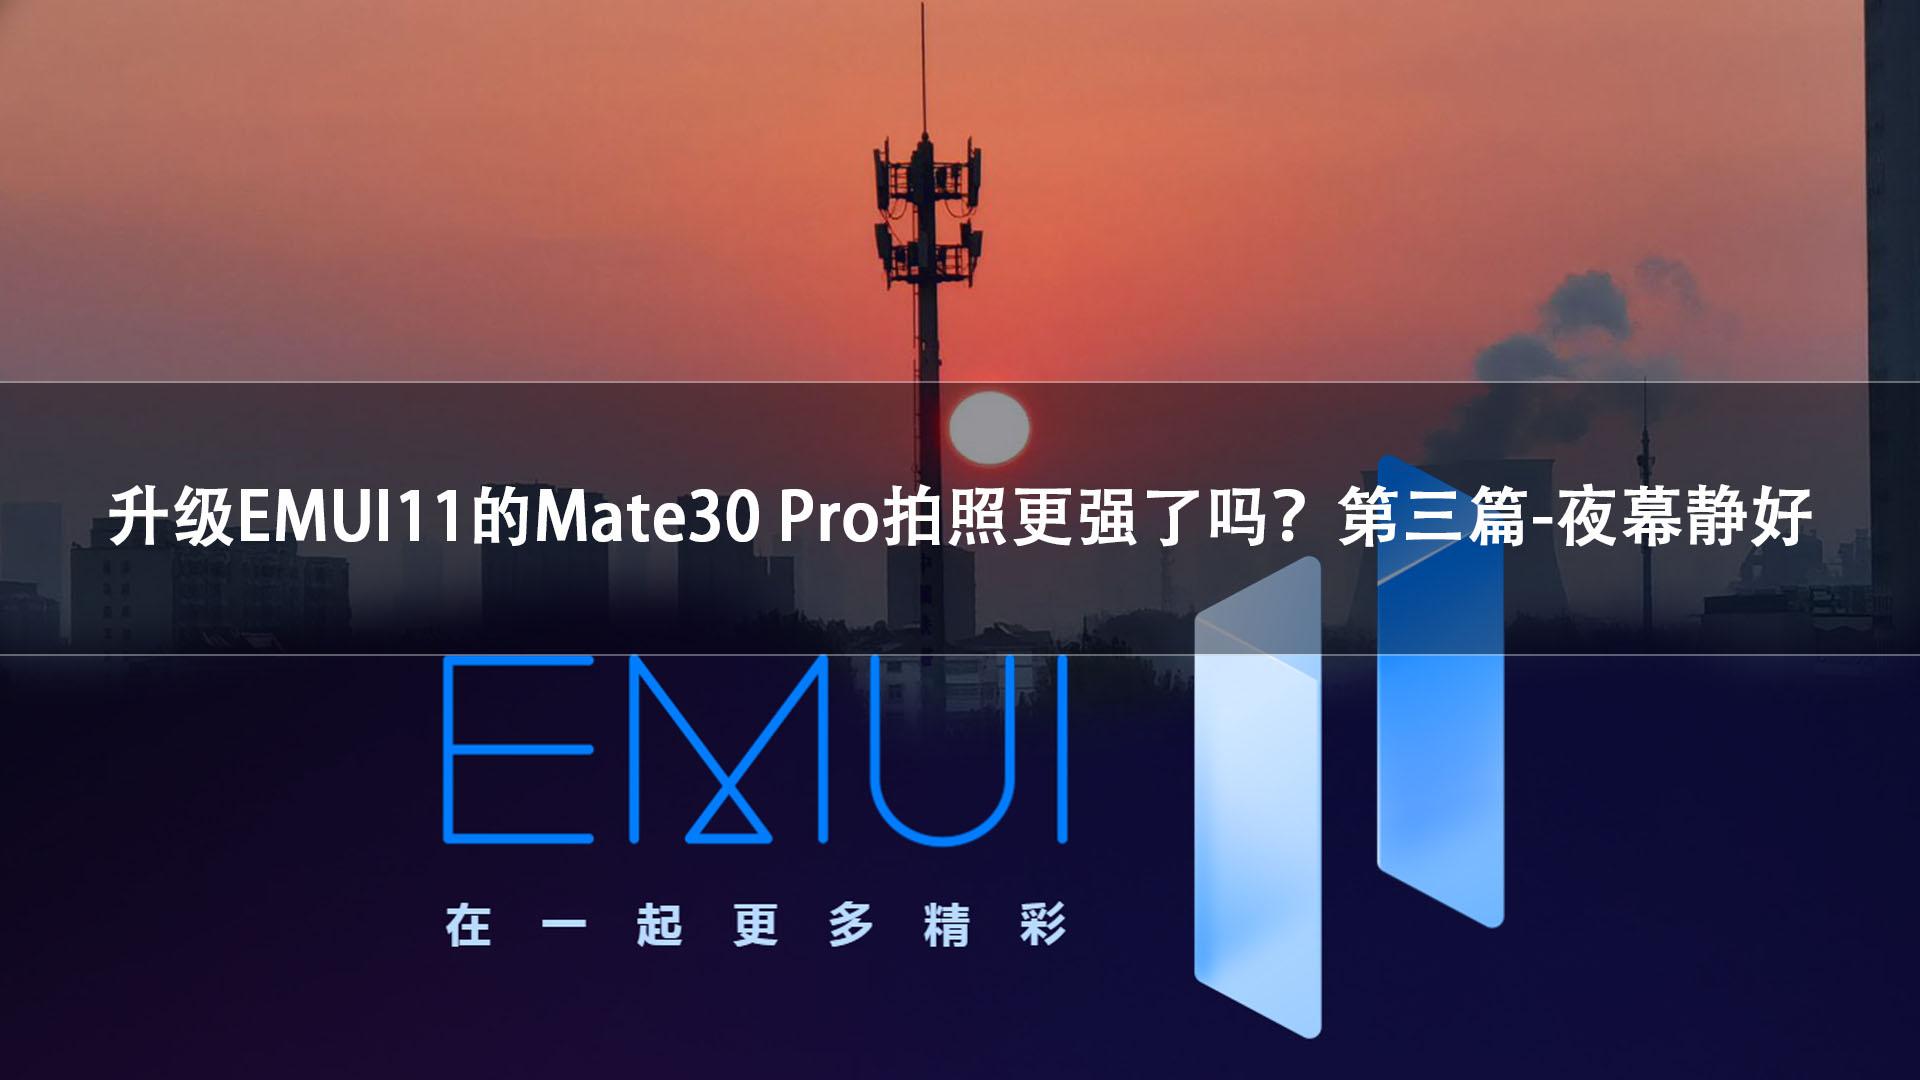 升级EMUI11的Mate30 Pro拍照更强了吗?第三篇-夜幕静好,华为Mate30系列-花粉俱乐部